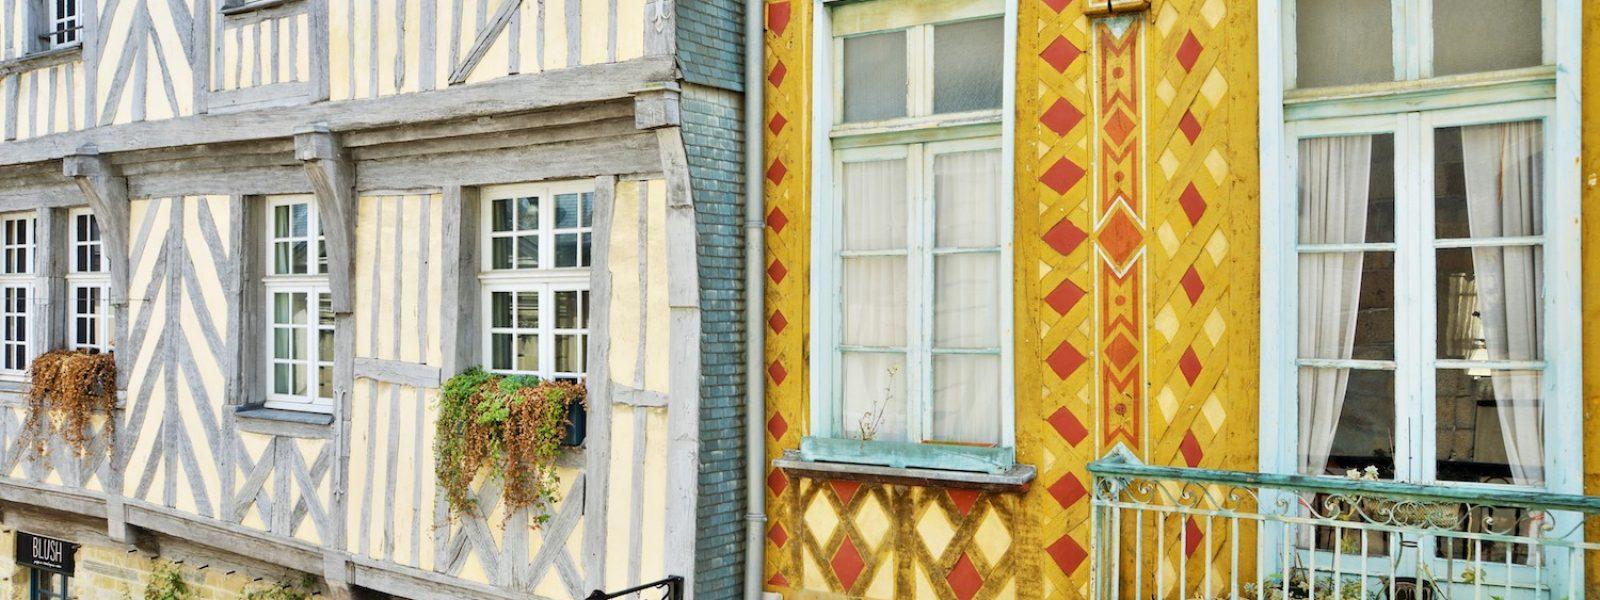 Maisons à pans-de-bois de Rennes